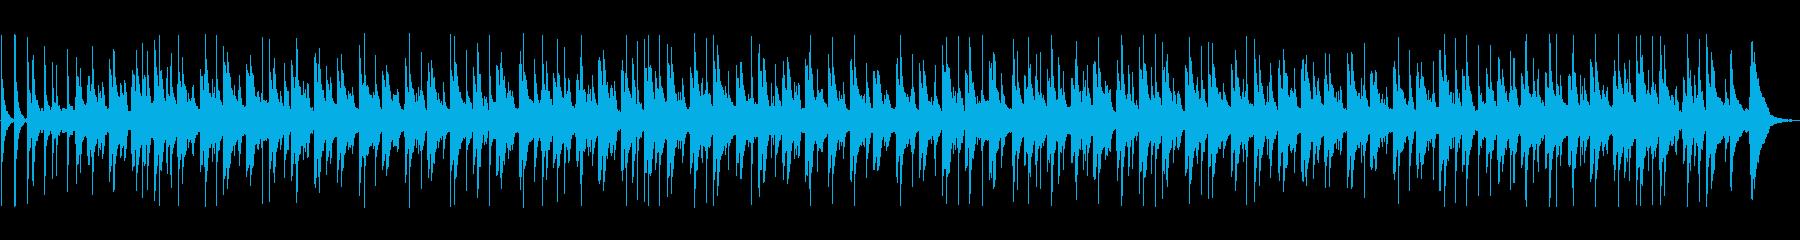 三味線・篠笛・太鼓で落語の出囃子さつまさの再生済みの波形